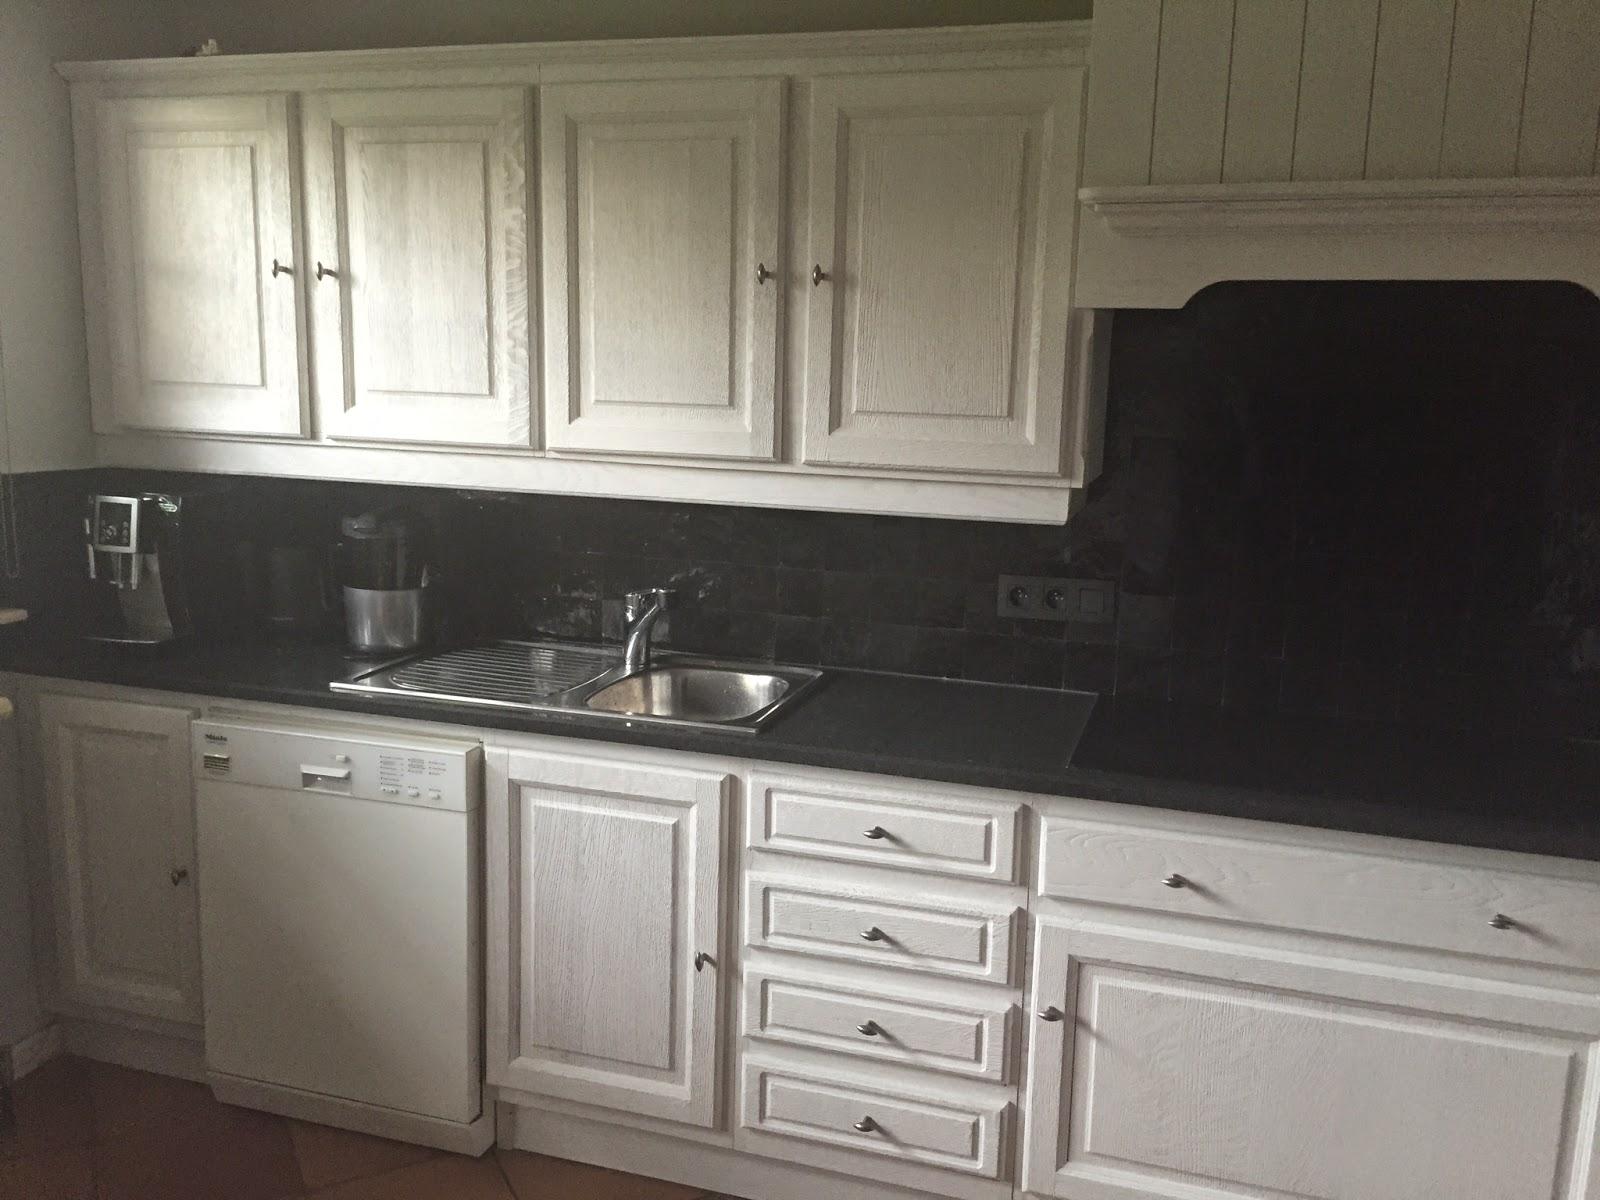 Eiken Keuken Renovatie : Renovatie van een eiken keuken Renovatie van eiken keukens